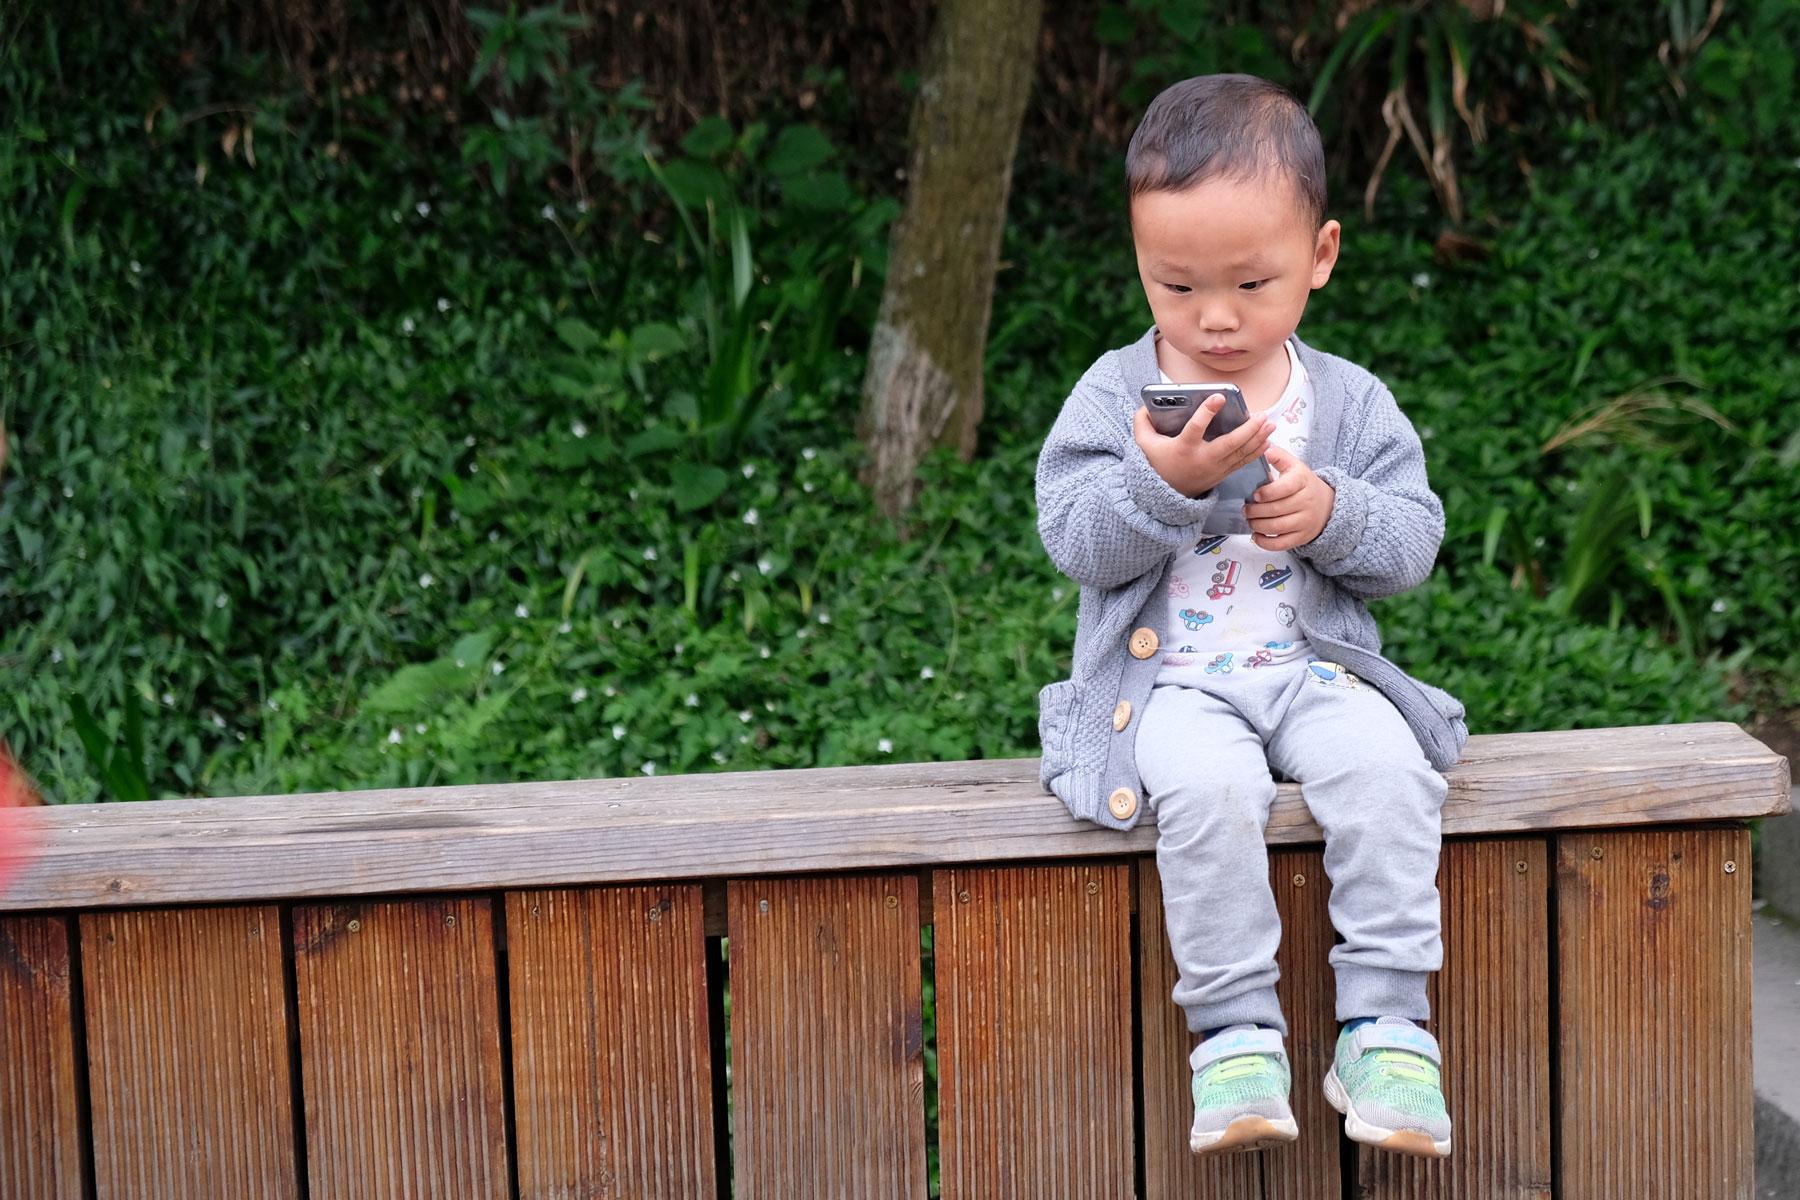 Ein chinesischer Junge sitzt auf einer Bank und schaut auf ein Smartphone.